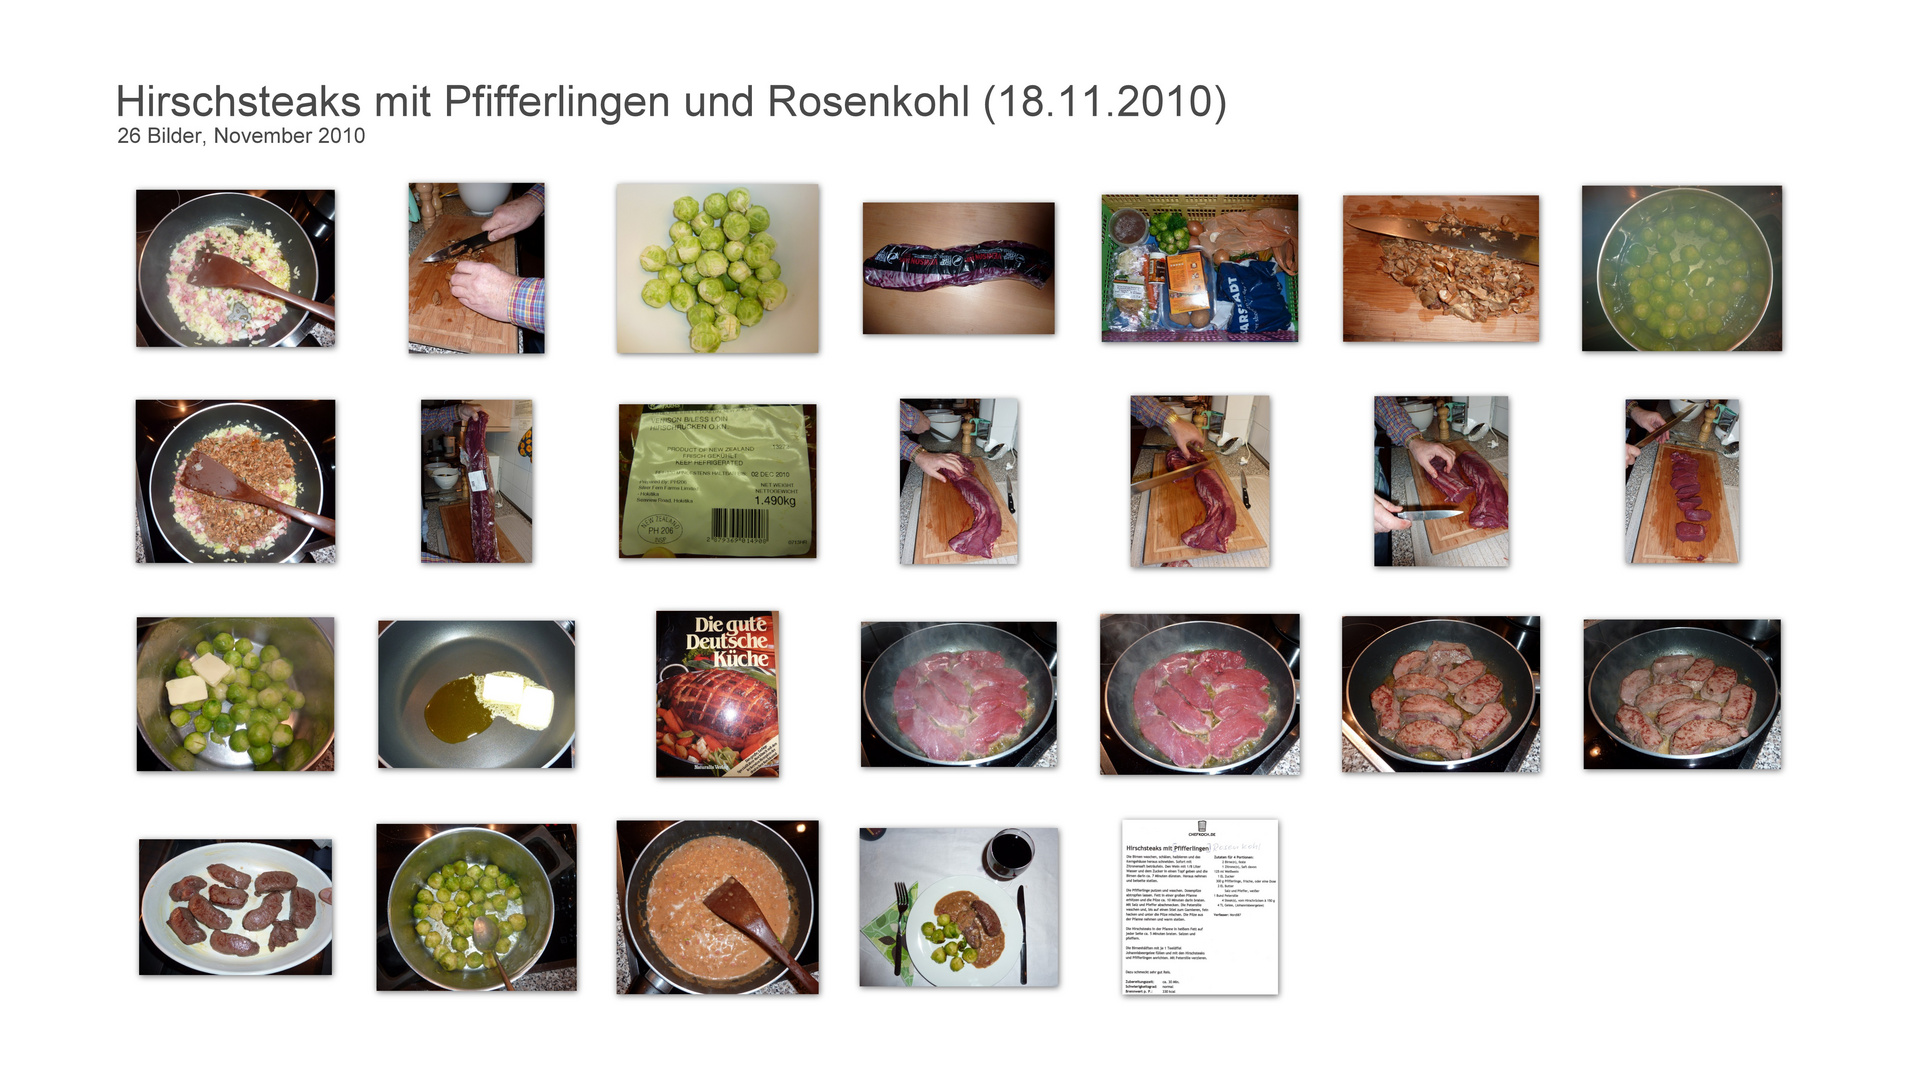 Hirschsteaks mit Pfifferlingen und Rosenkohl